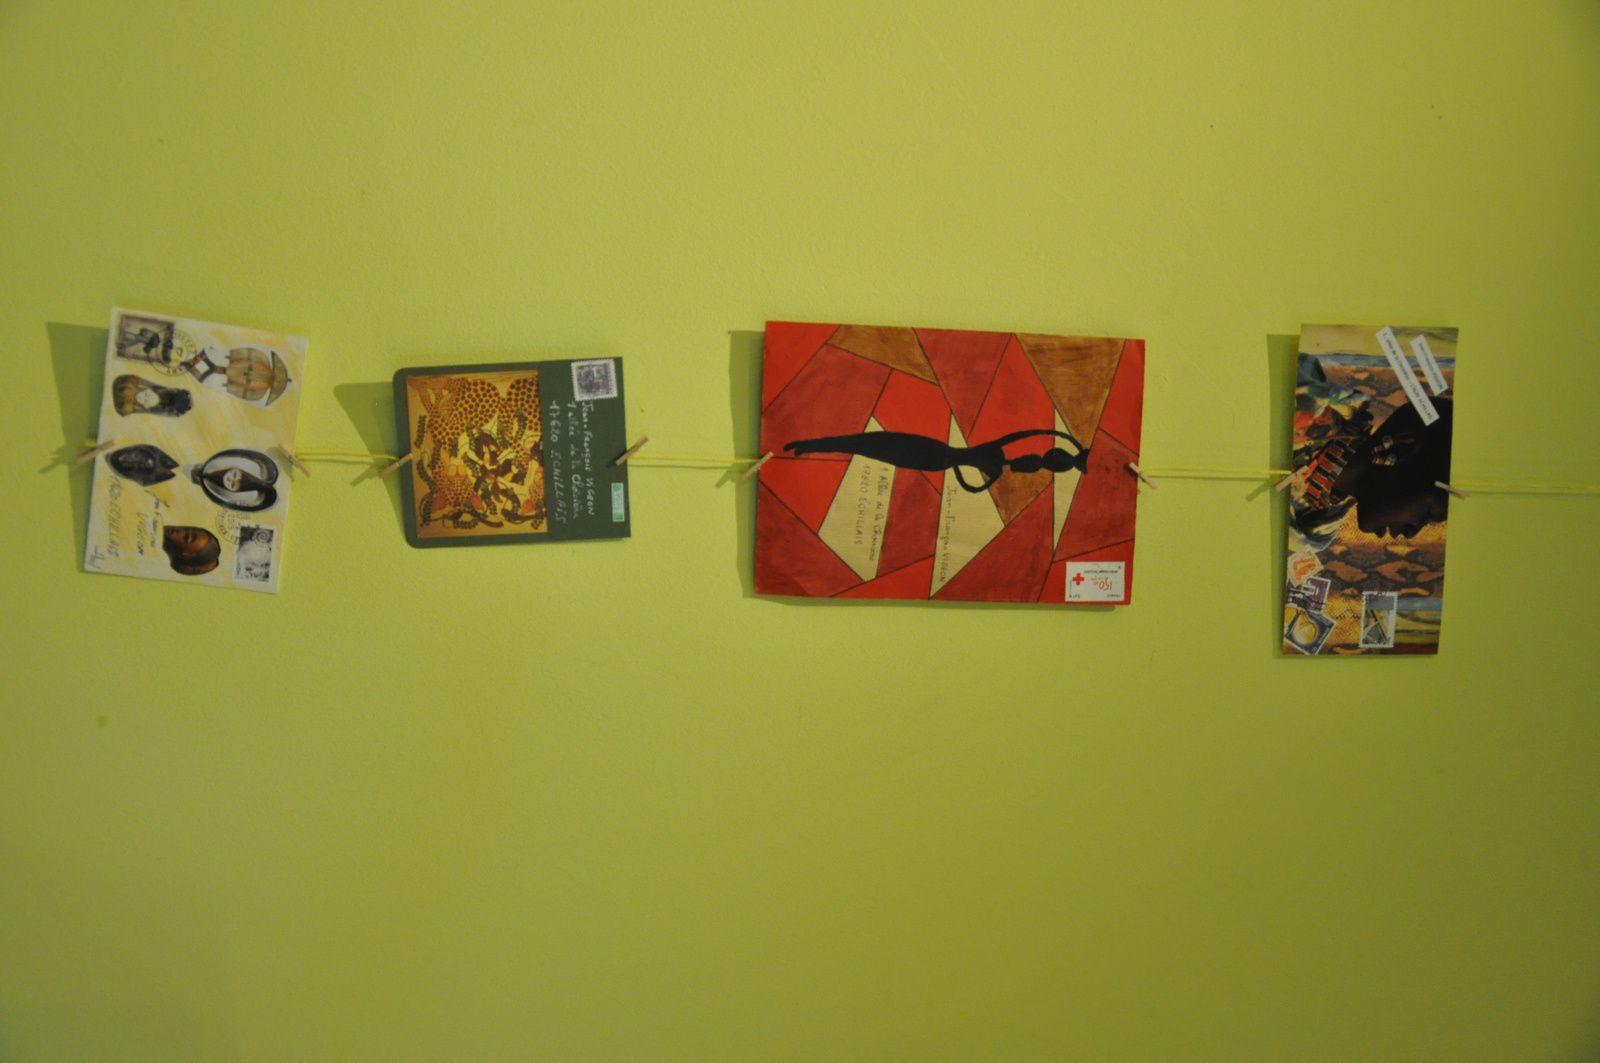 Voici donc quelques images de cette exposition...